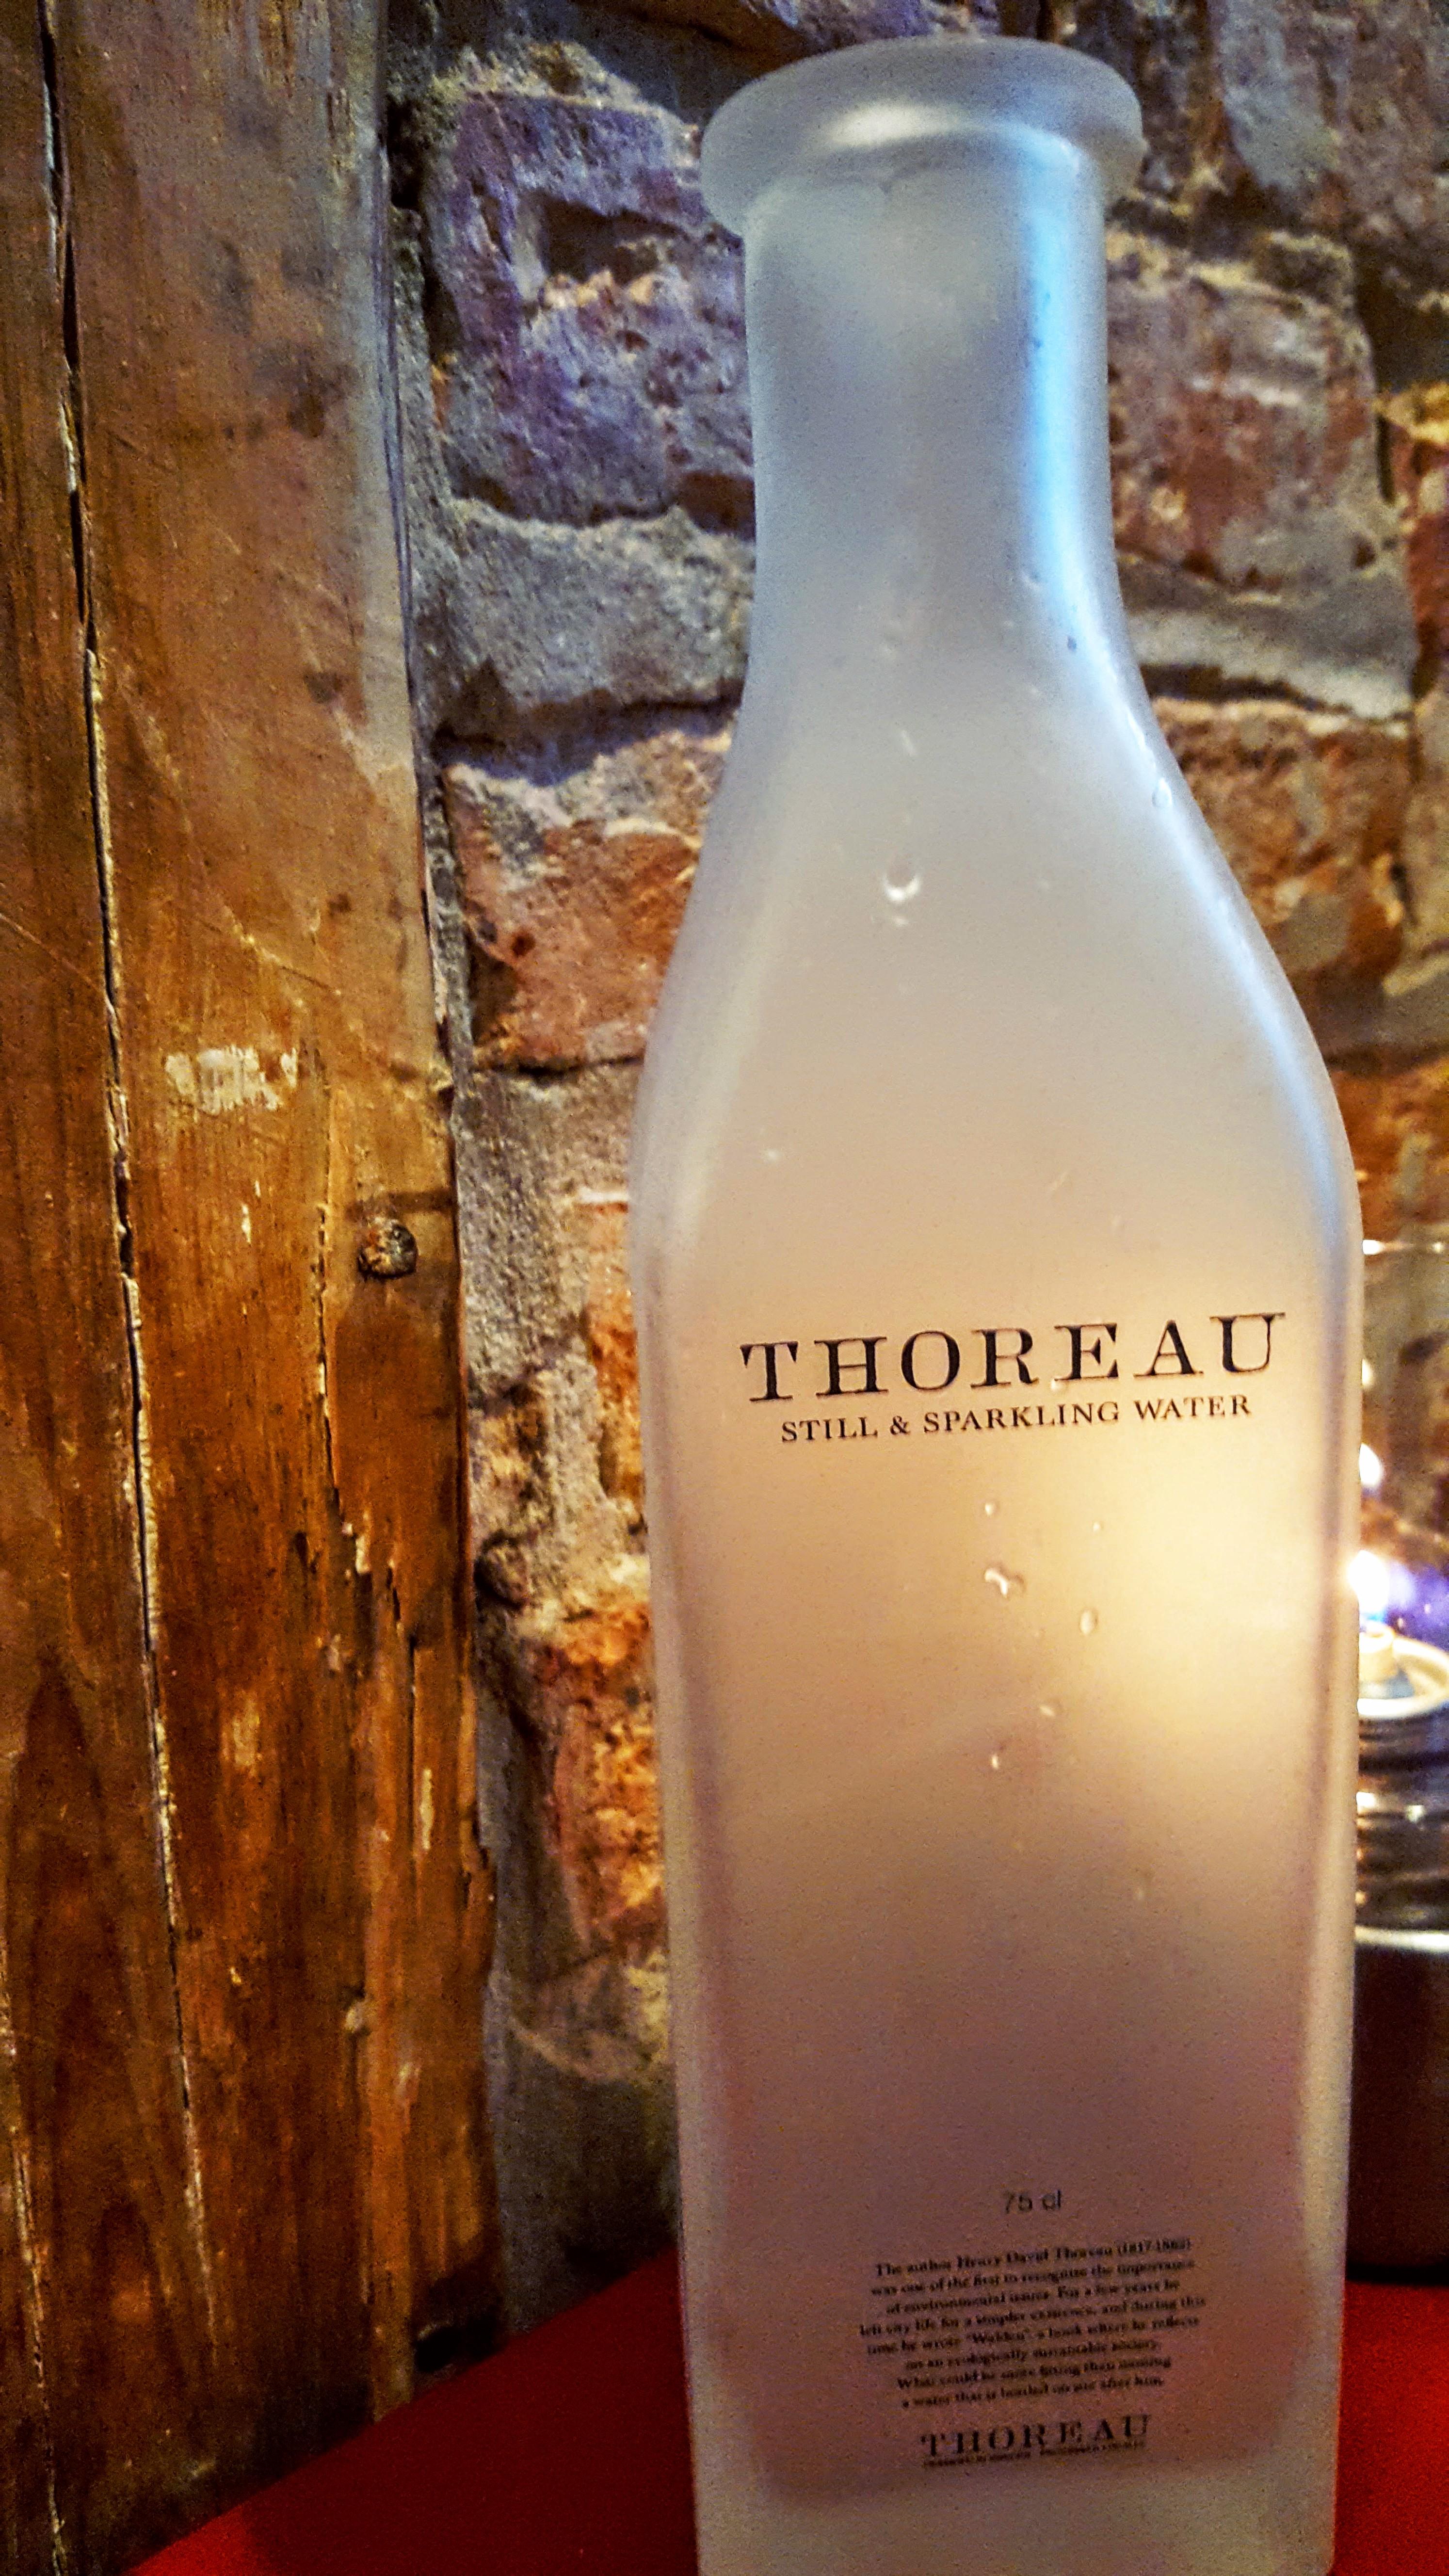 Thoreau danskvand flaske; mursten og træ væg; stearinlys